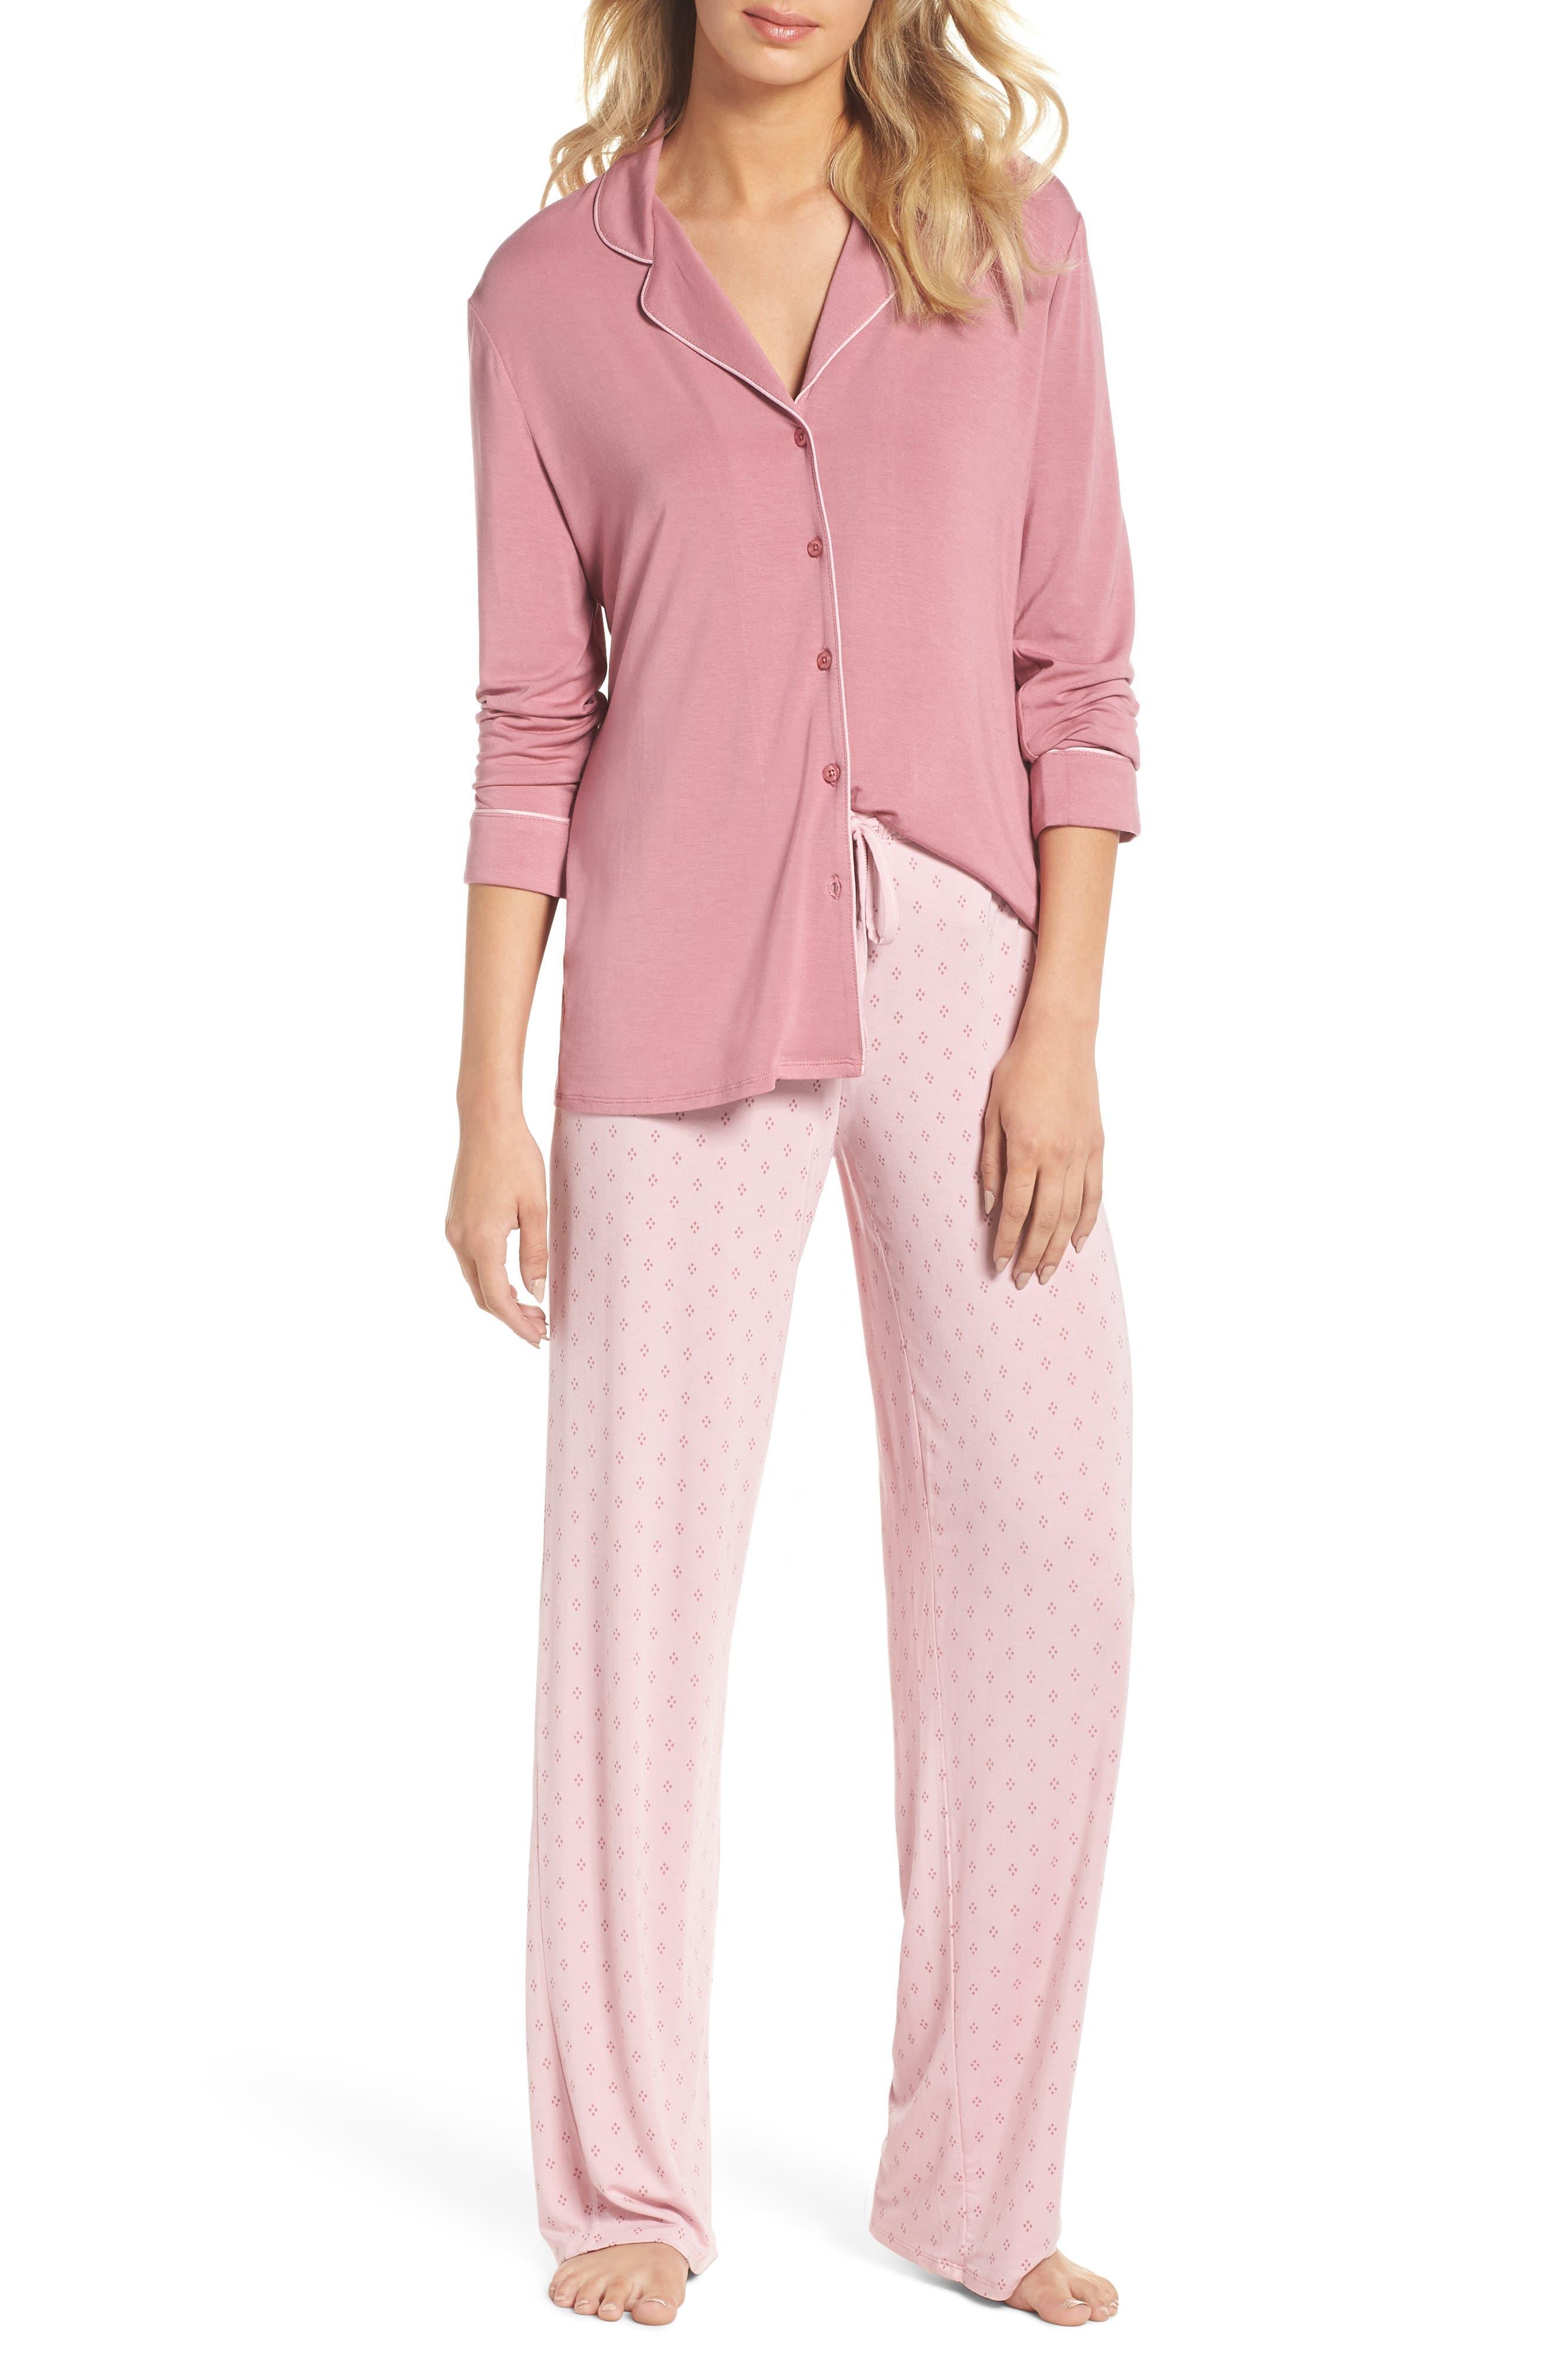 Moonlight Pajamas,                             Main thumbnail 1, color,                             Purple Mesa Geo Diamond